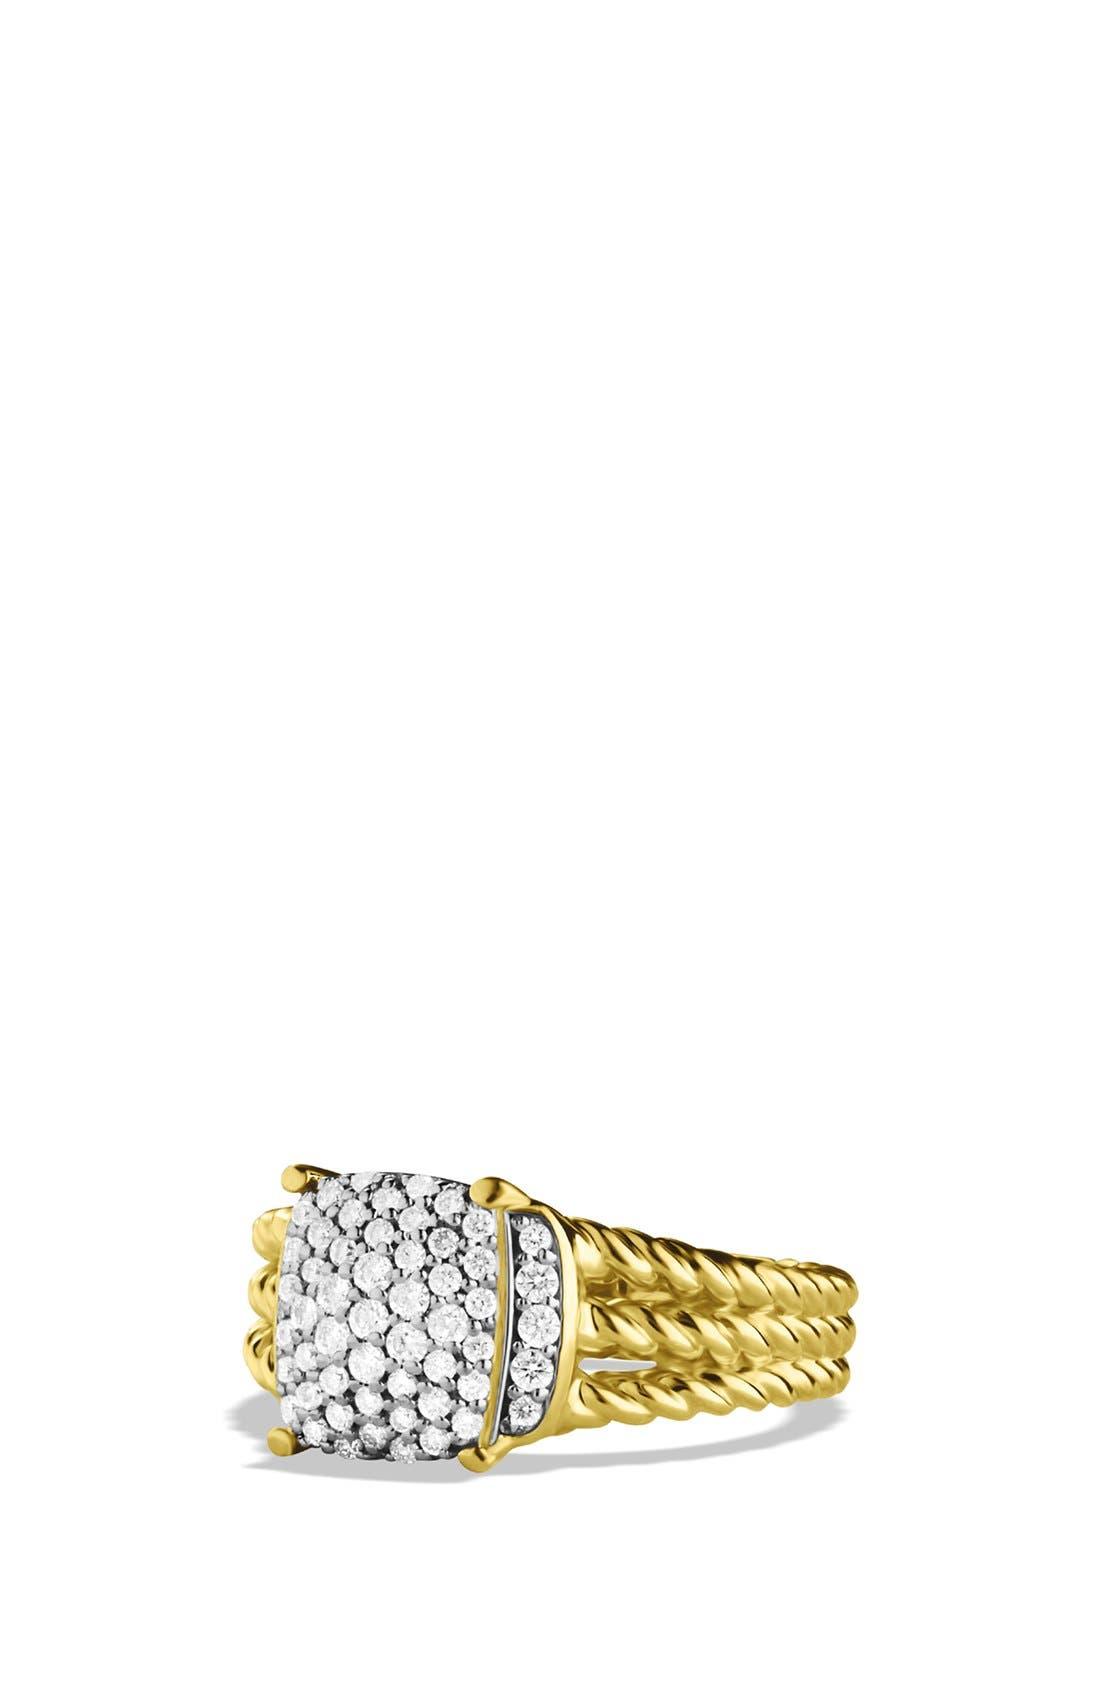 Main Image - David Yurman 'Wheaton' Petite Ring with Diamonds in Gold